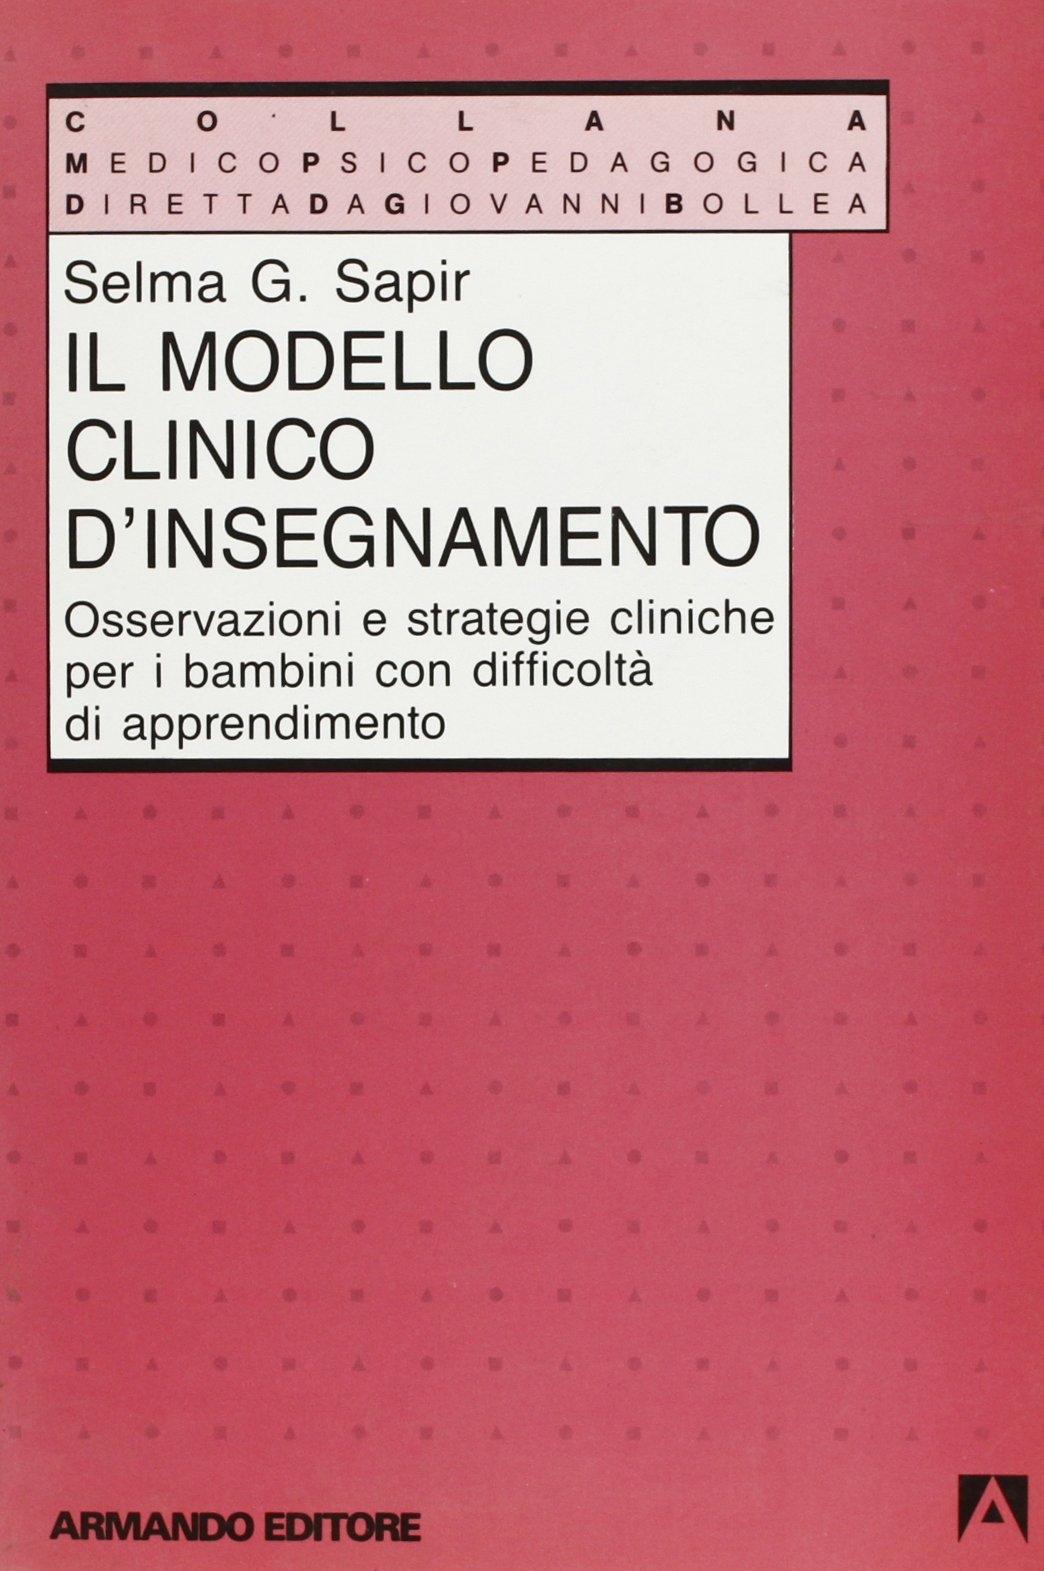 Il modello clinico di insegnamento. Osservazioni e strategie cliniche per i bambini con difficoltà di apprendimento